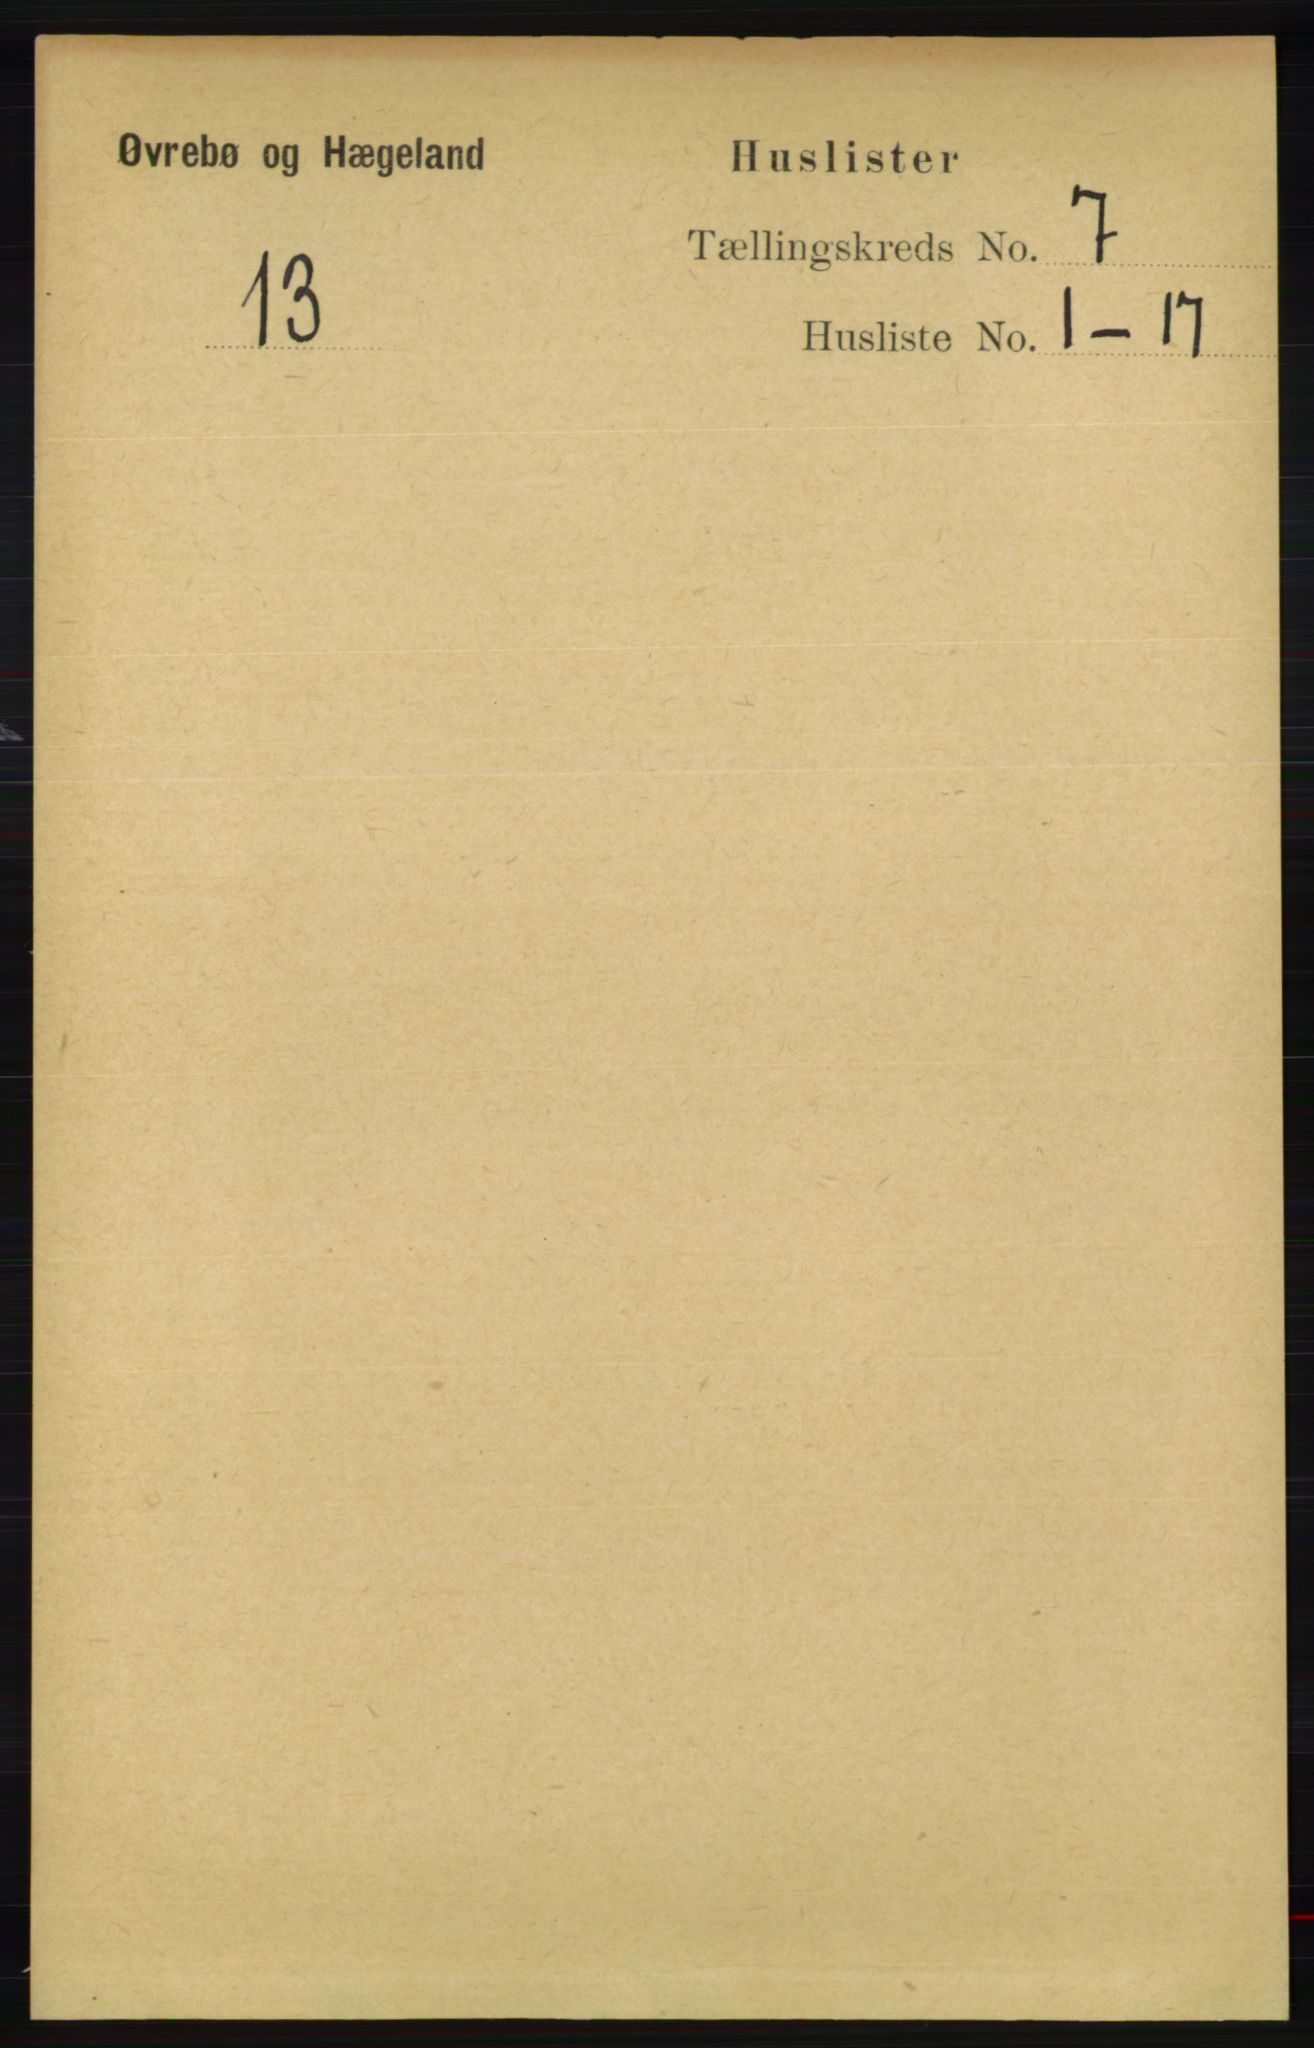 RA, Folketelling 1891 for 1016 Øvrebø og Hægeland herred, 1891, s. 1311